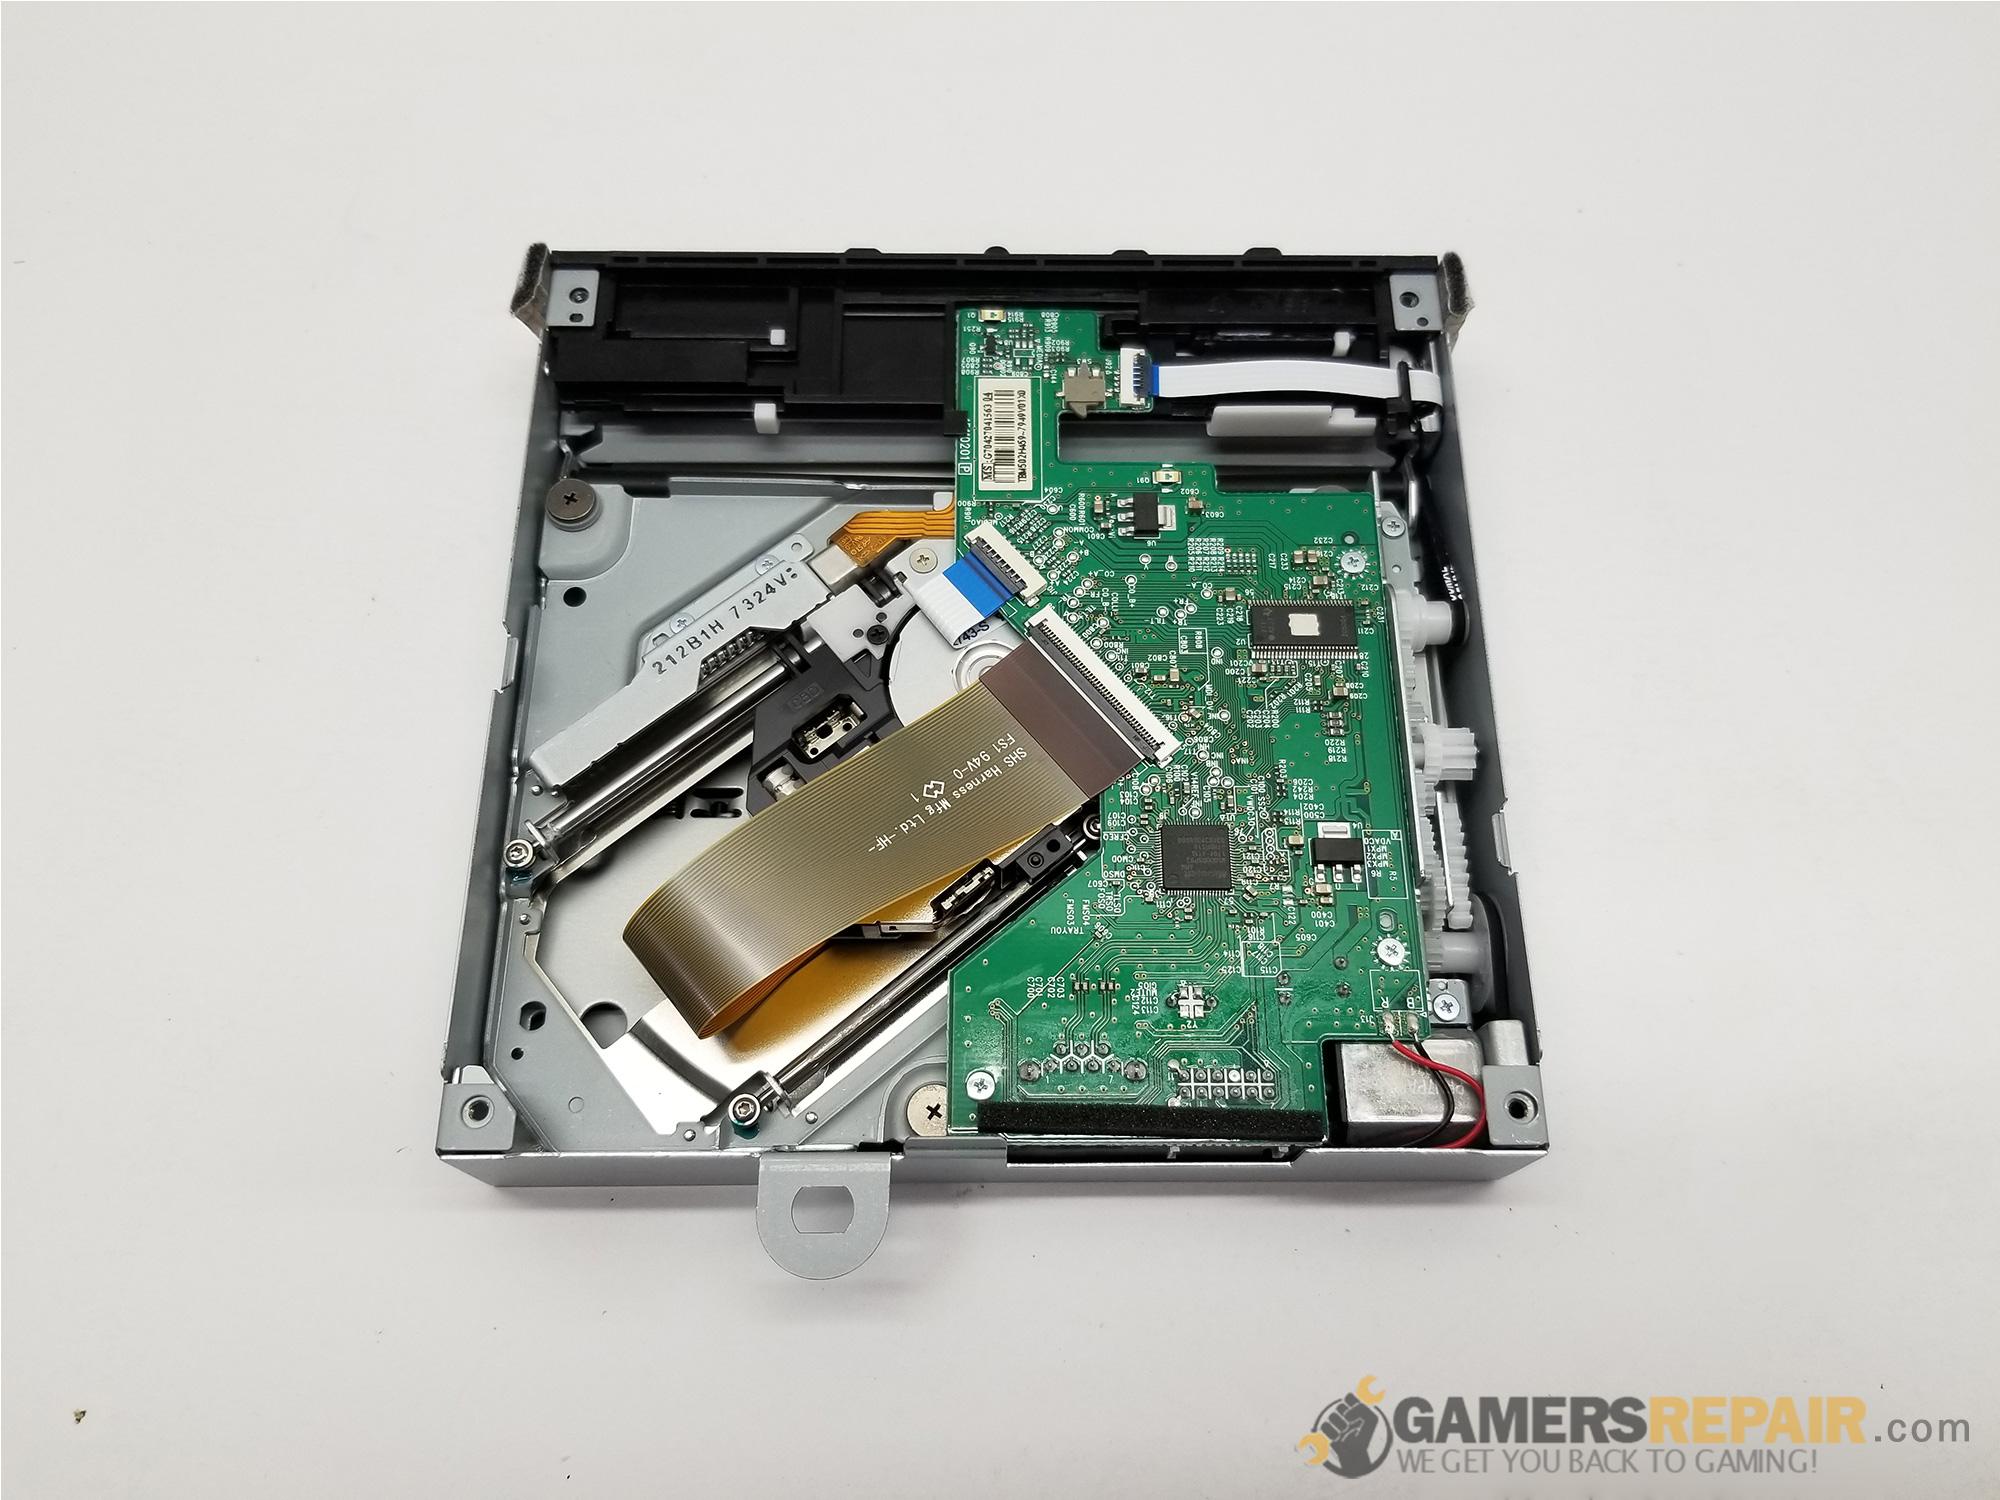 xbox-one-x-disc-drive-installed-1.jpg